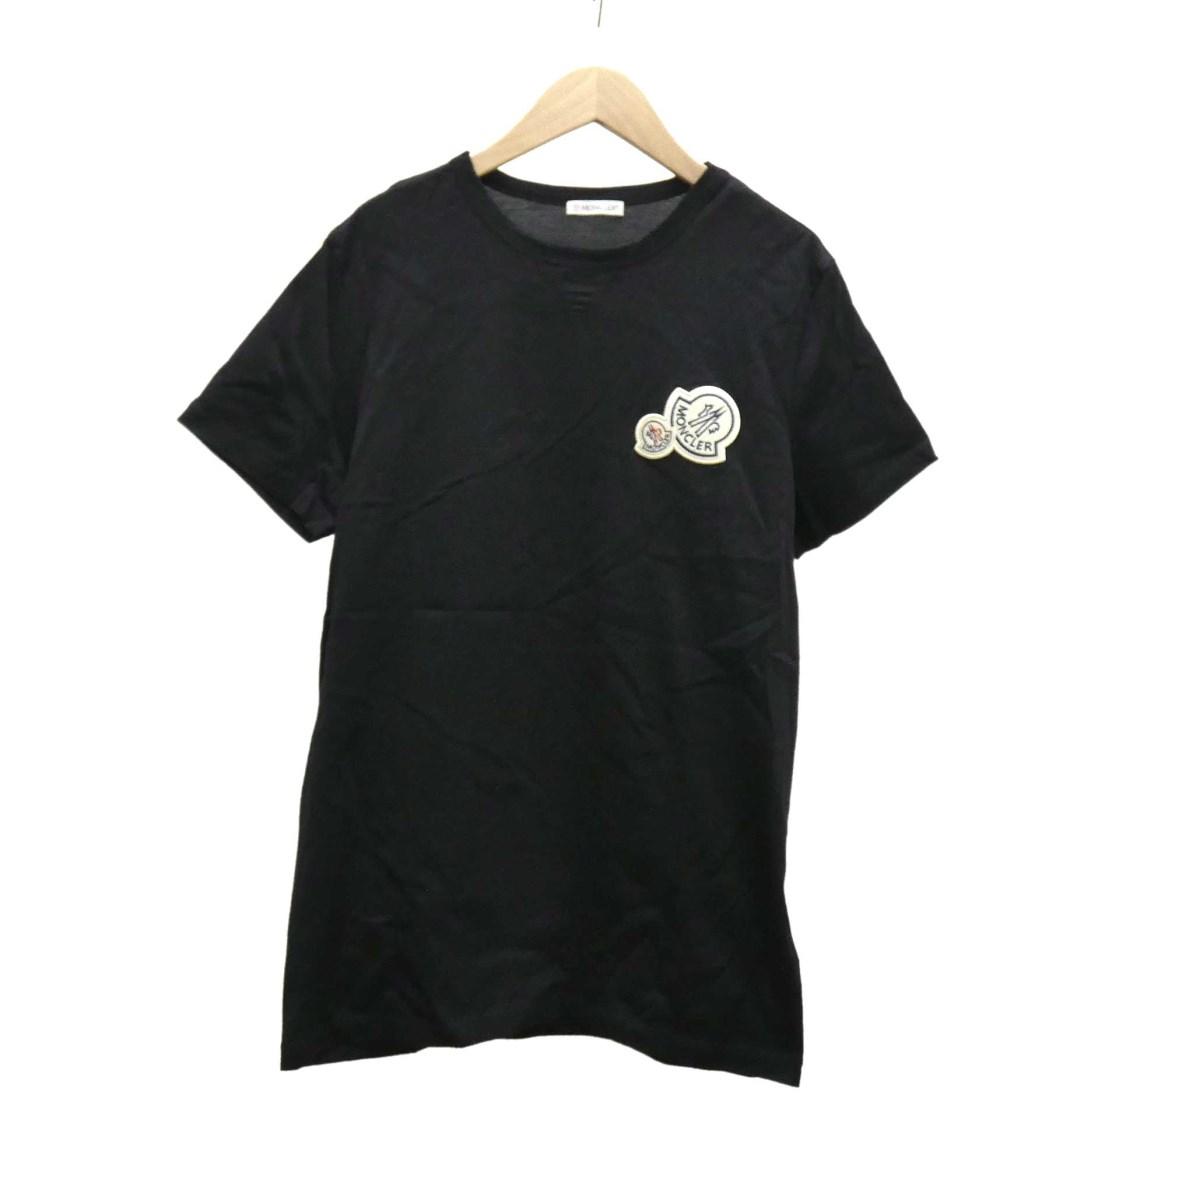 【中古】MONCLER 半袖Tシャツ 2019AW ブラック サイズ:S 【160420】(モンクレール)